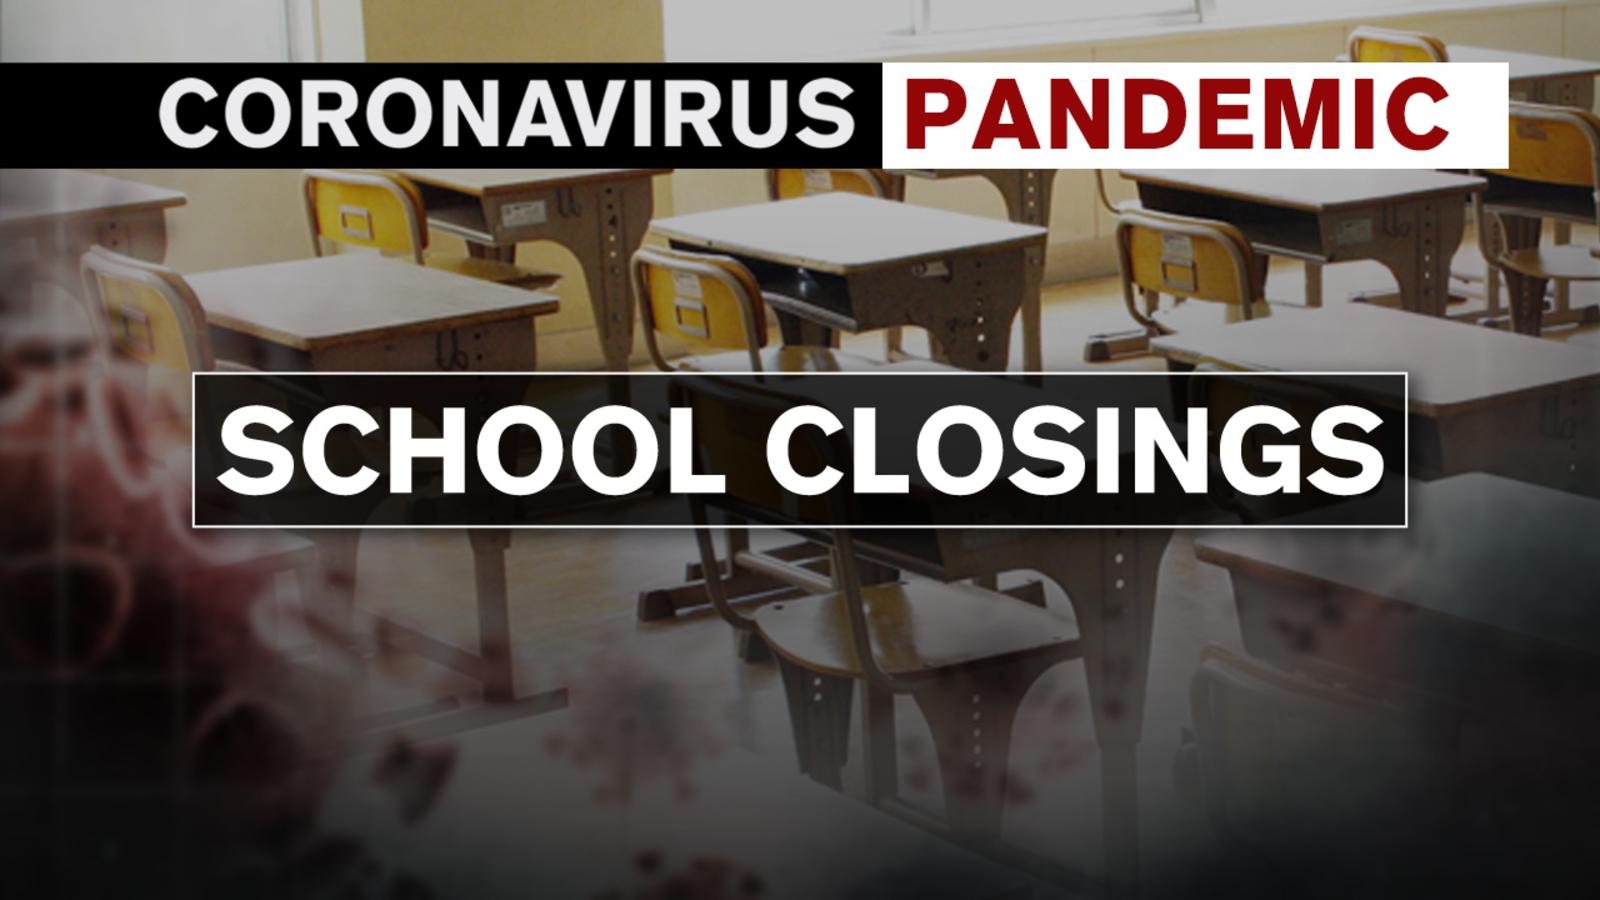 6009427_031320-wabc-coronavirus-pandemic-school-closings-img.jpg